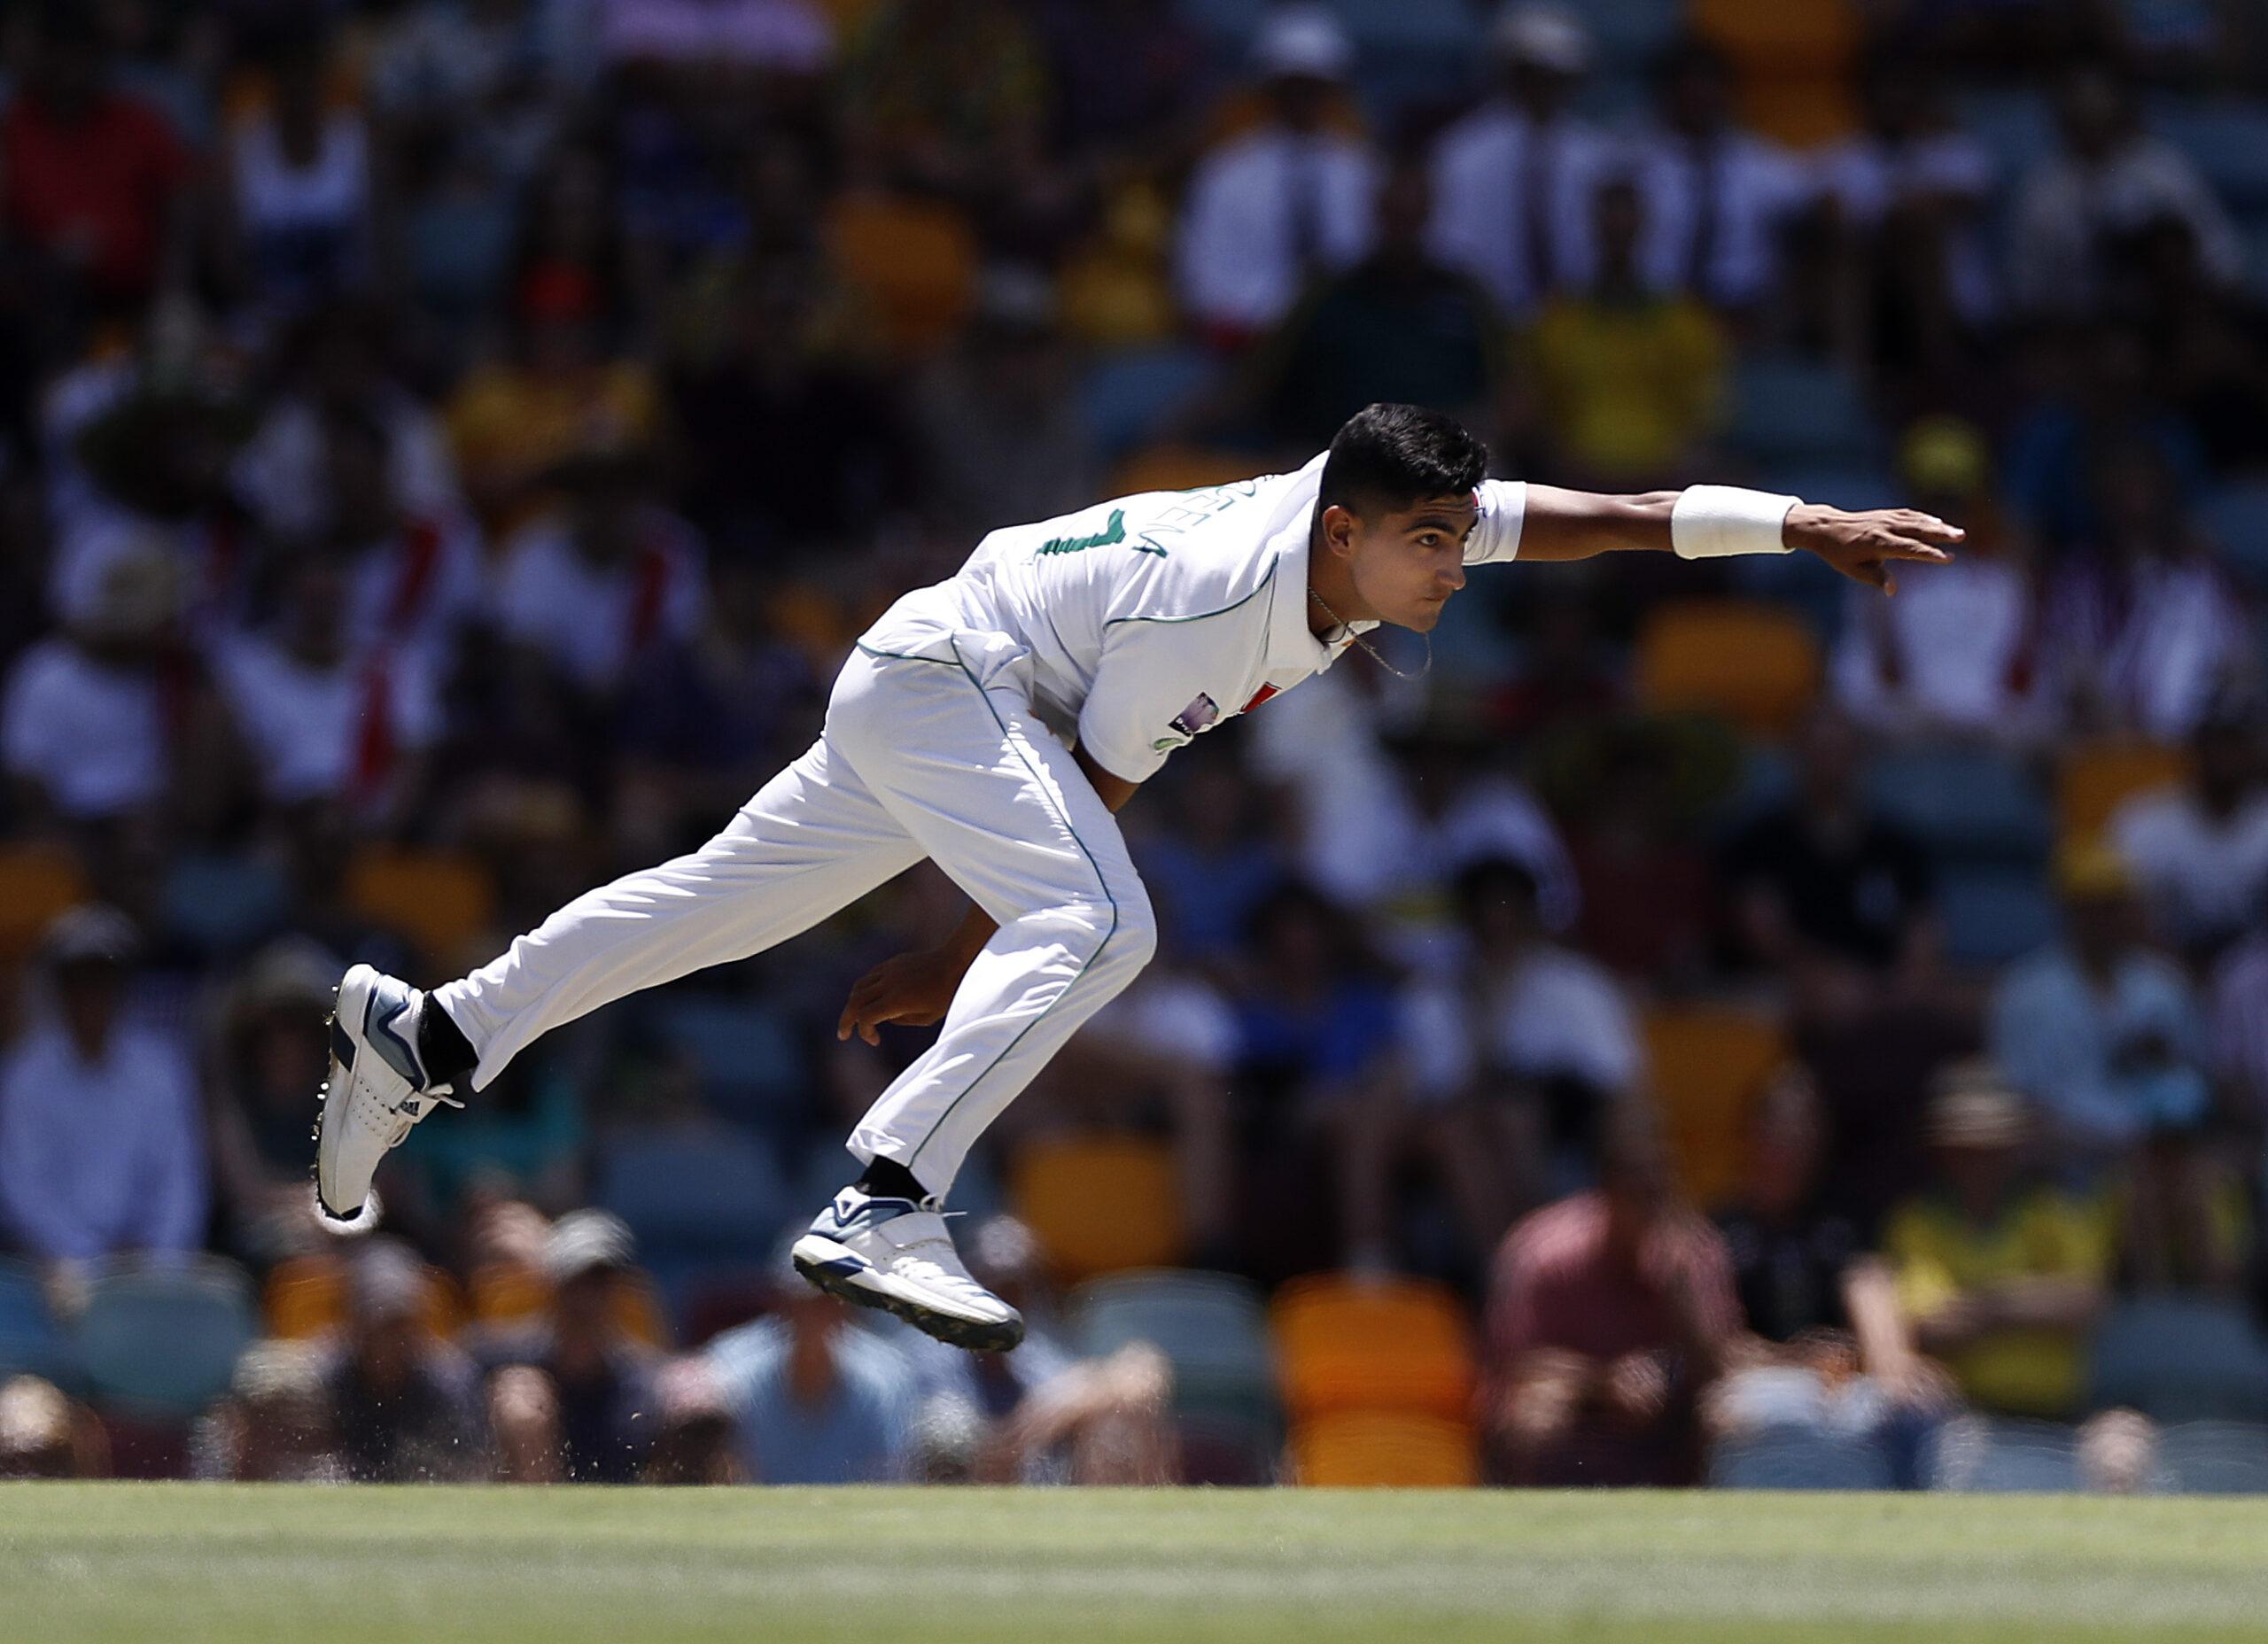 पाकिस्तान के नसीम शाह बने टेस्ट क्रिकेट में हैट्रिक लेने वाले सबसे युवा गेंदबाज, ट्विटर पर हो रही है तारीफ 1